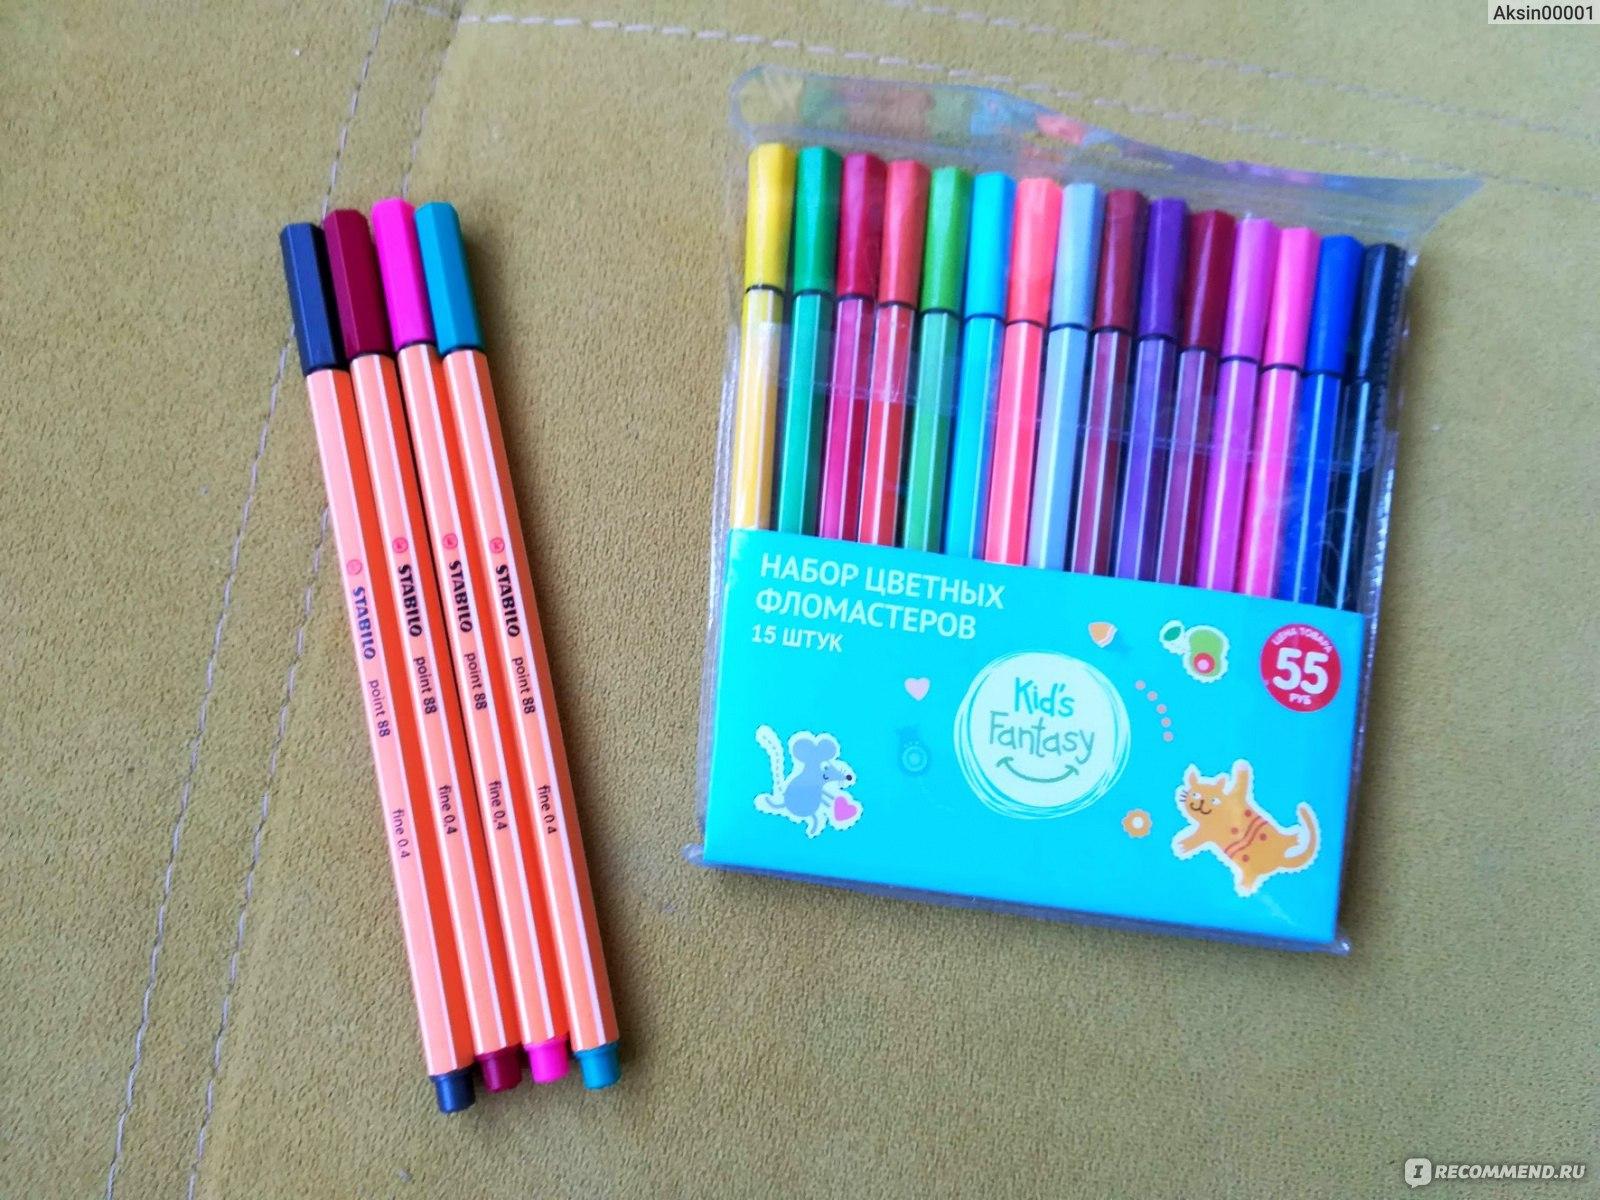 Обои markers, цветные, фломастеры, Color. Разное foto 12